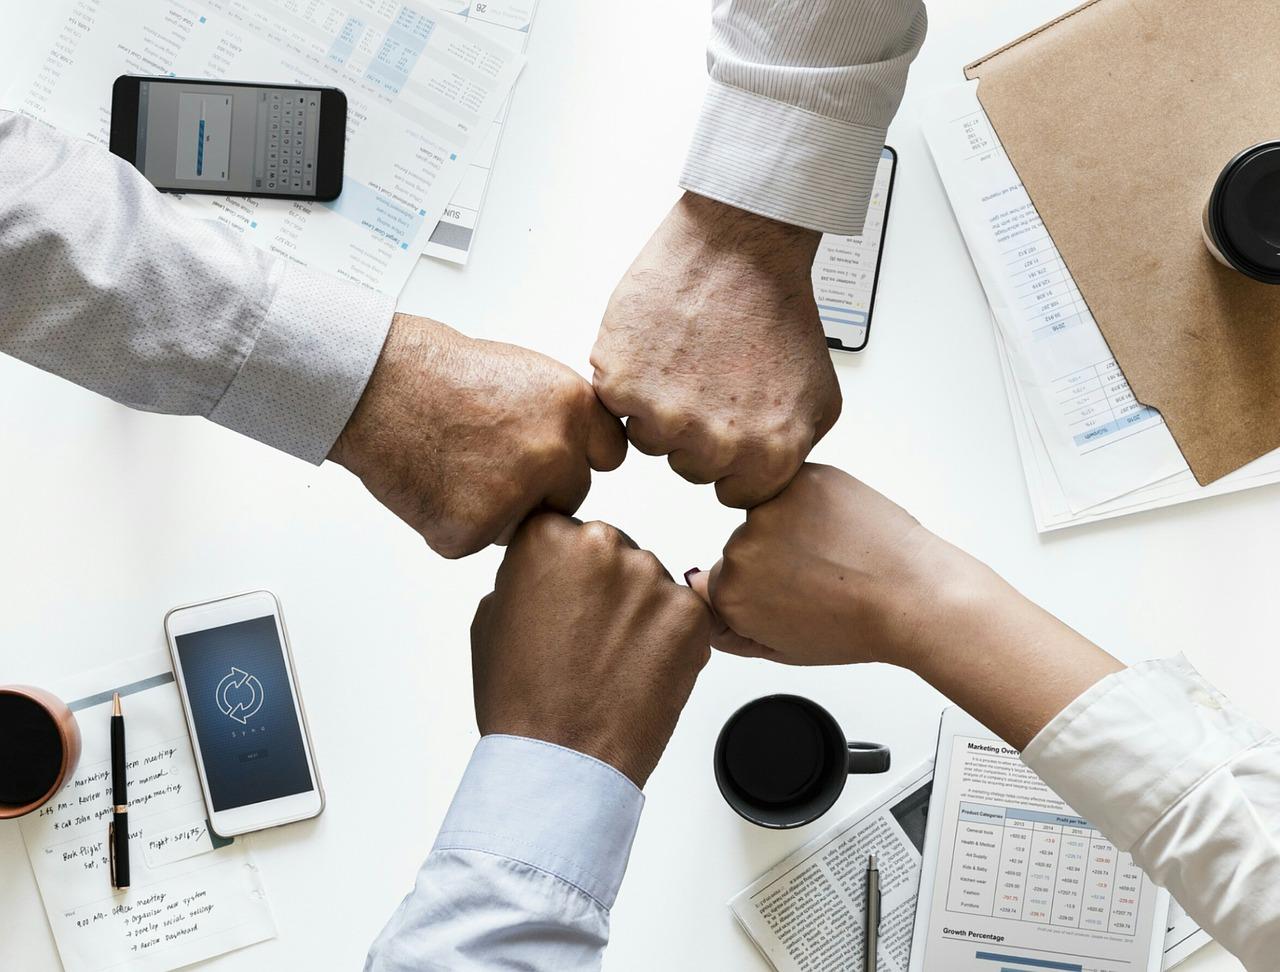 アルバイトから正社員はおすすめしない!最初から正社員になる方法